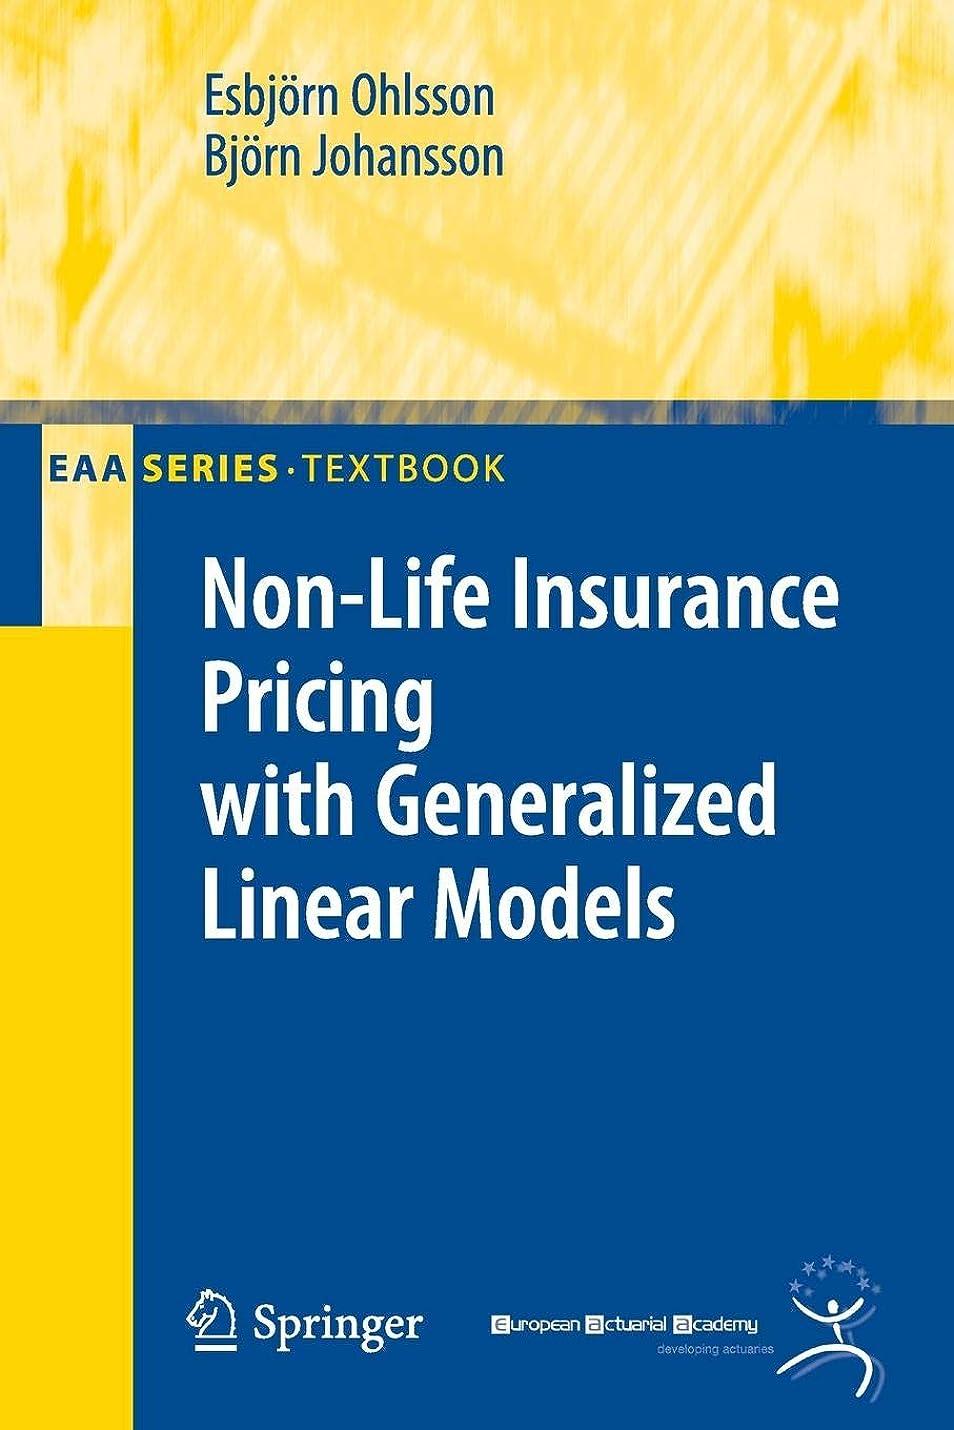 トラフィック家畜反発するNon-Life Insurance Pricing with Generalized Linear Models (EAA Series)